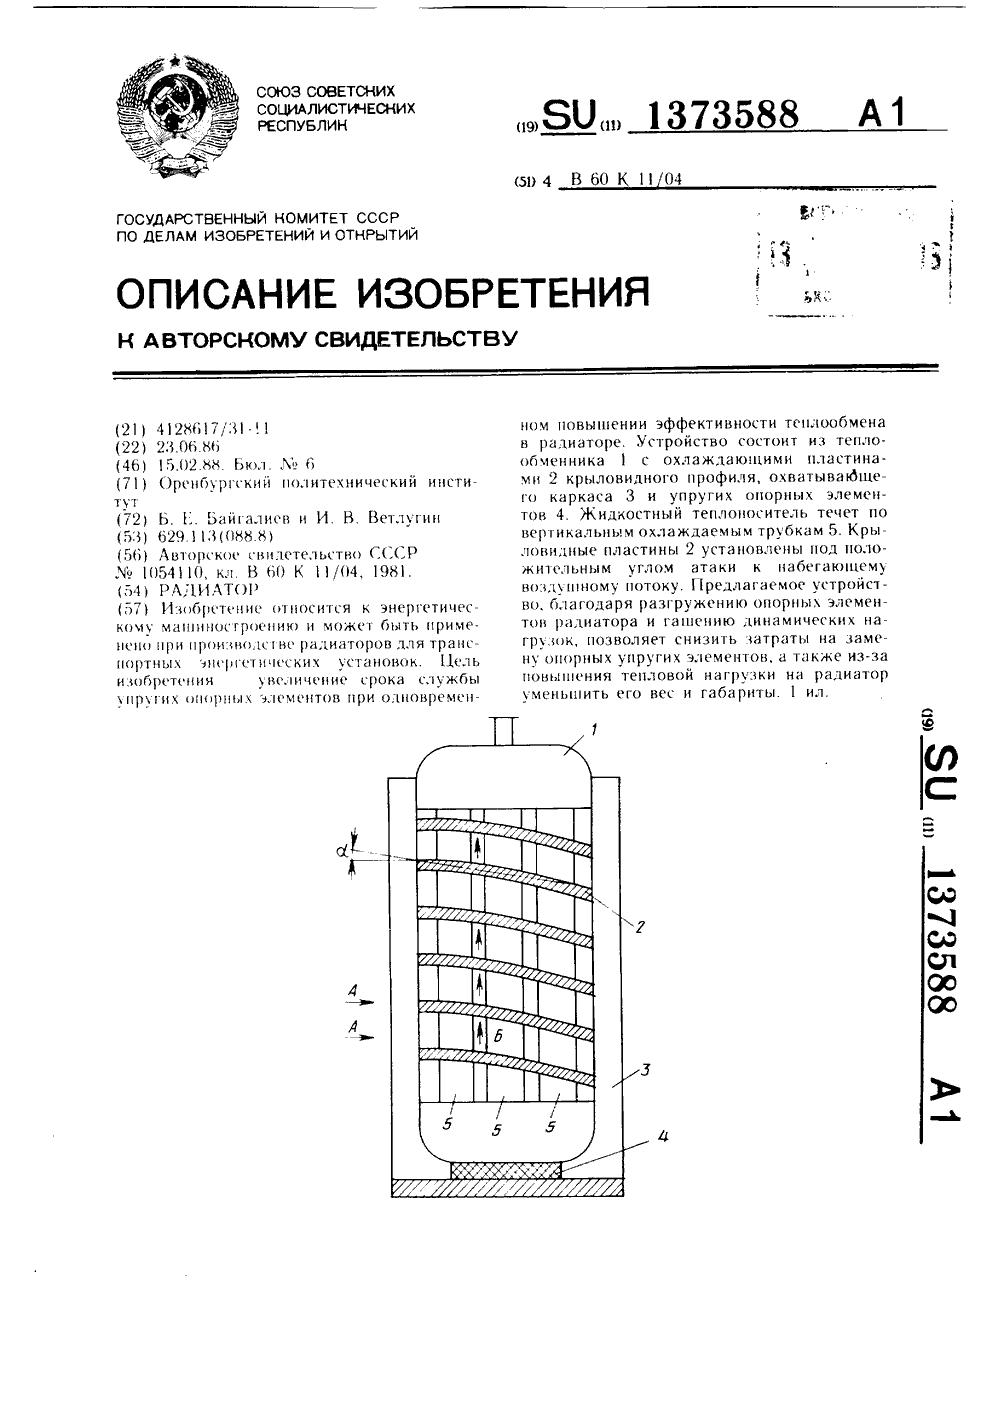 реакторное оборудование